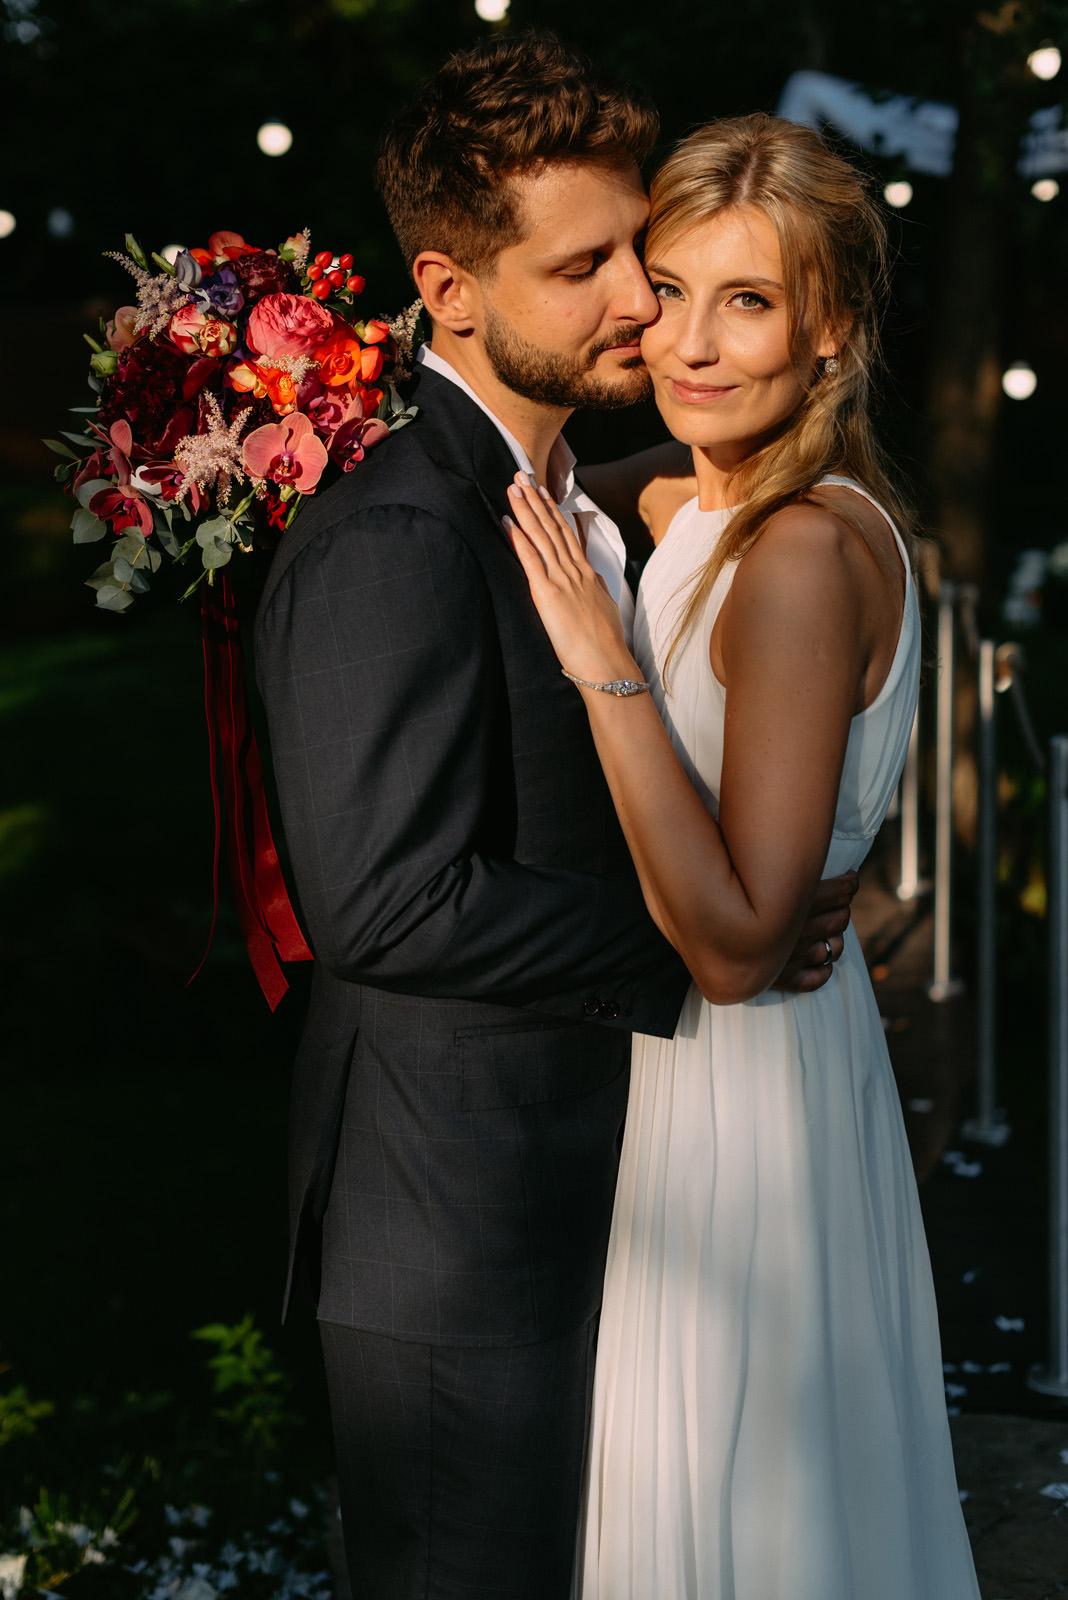 portret młodej pary po ślubie cywilnym w plenerze - Luke Sezeck fotograf ślubny Łódź